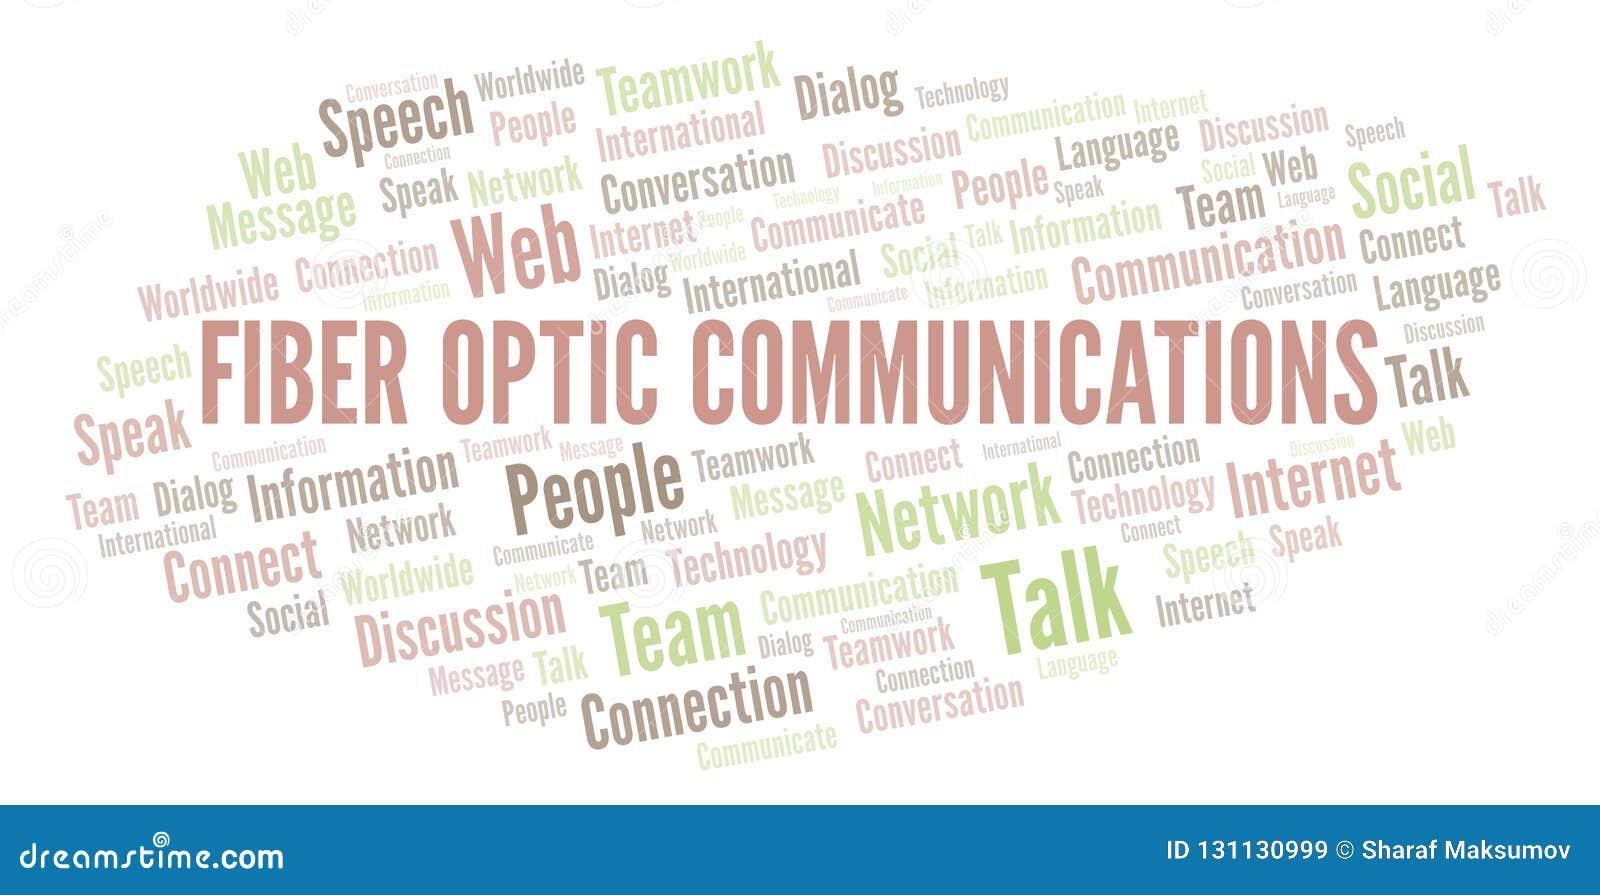 Fiber Optic Communications word cloud.